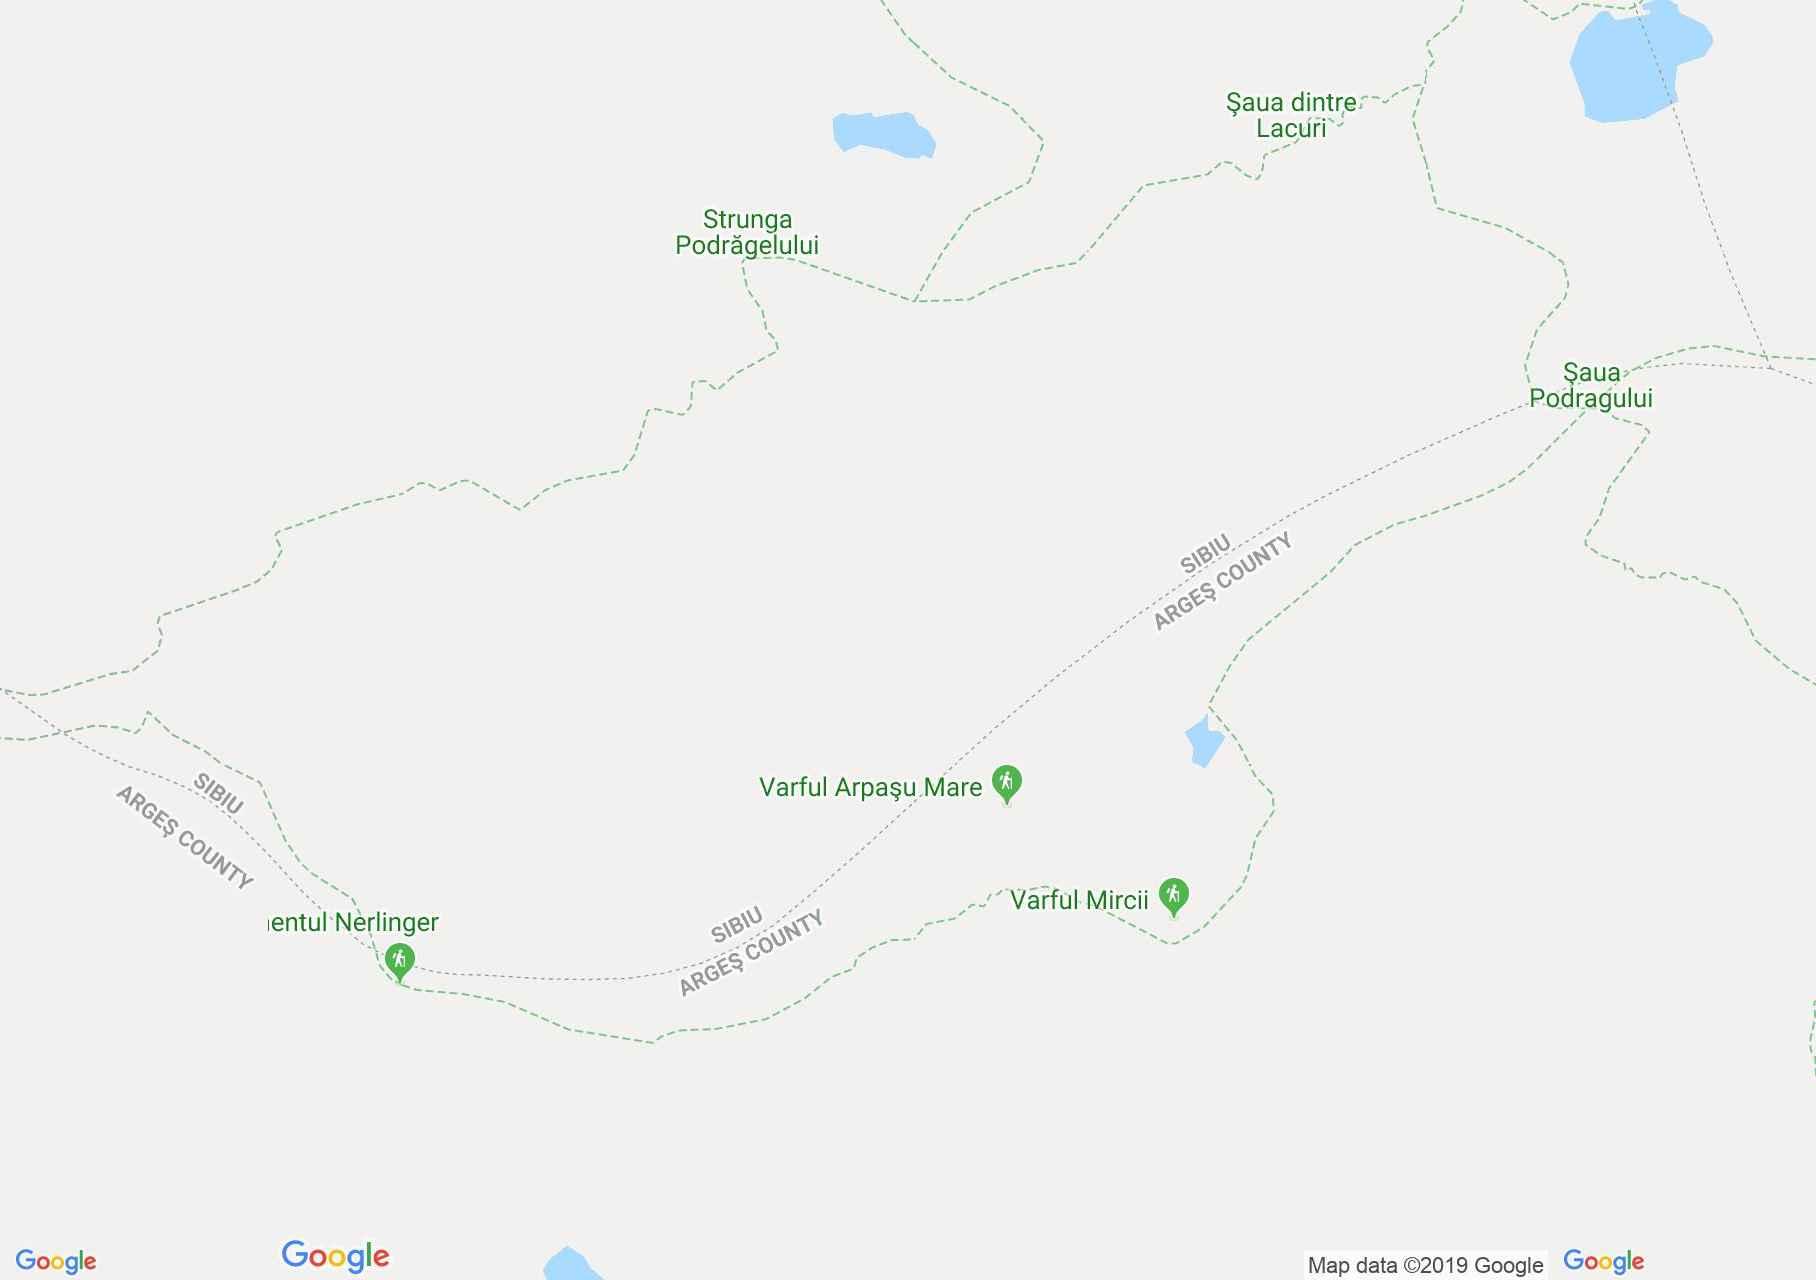 Map of Făgăraş mountains: Podragu saddle -  Capra saddle